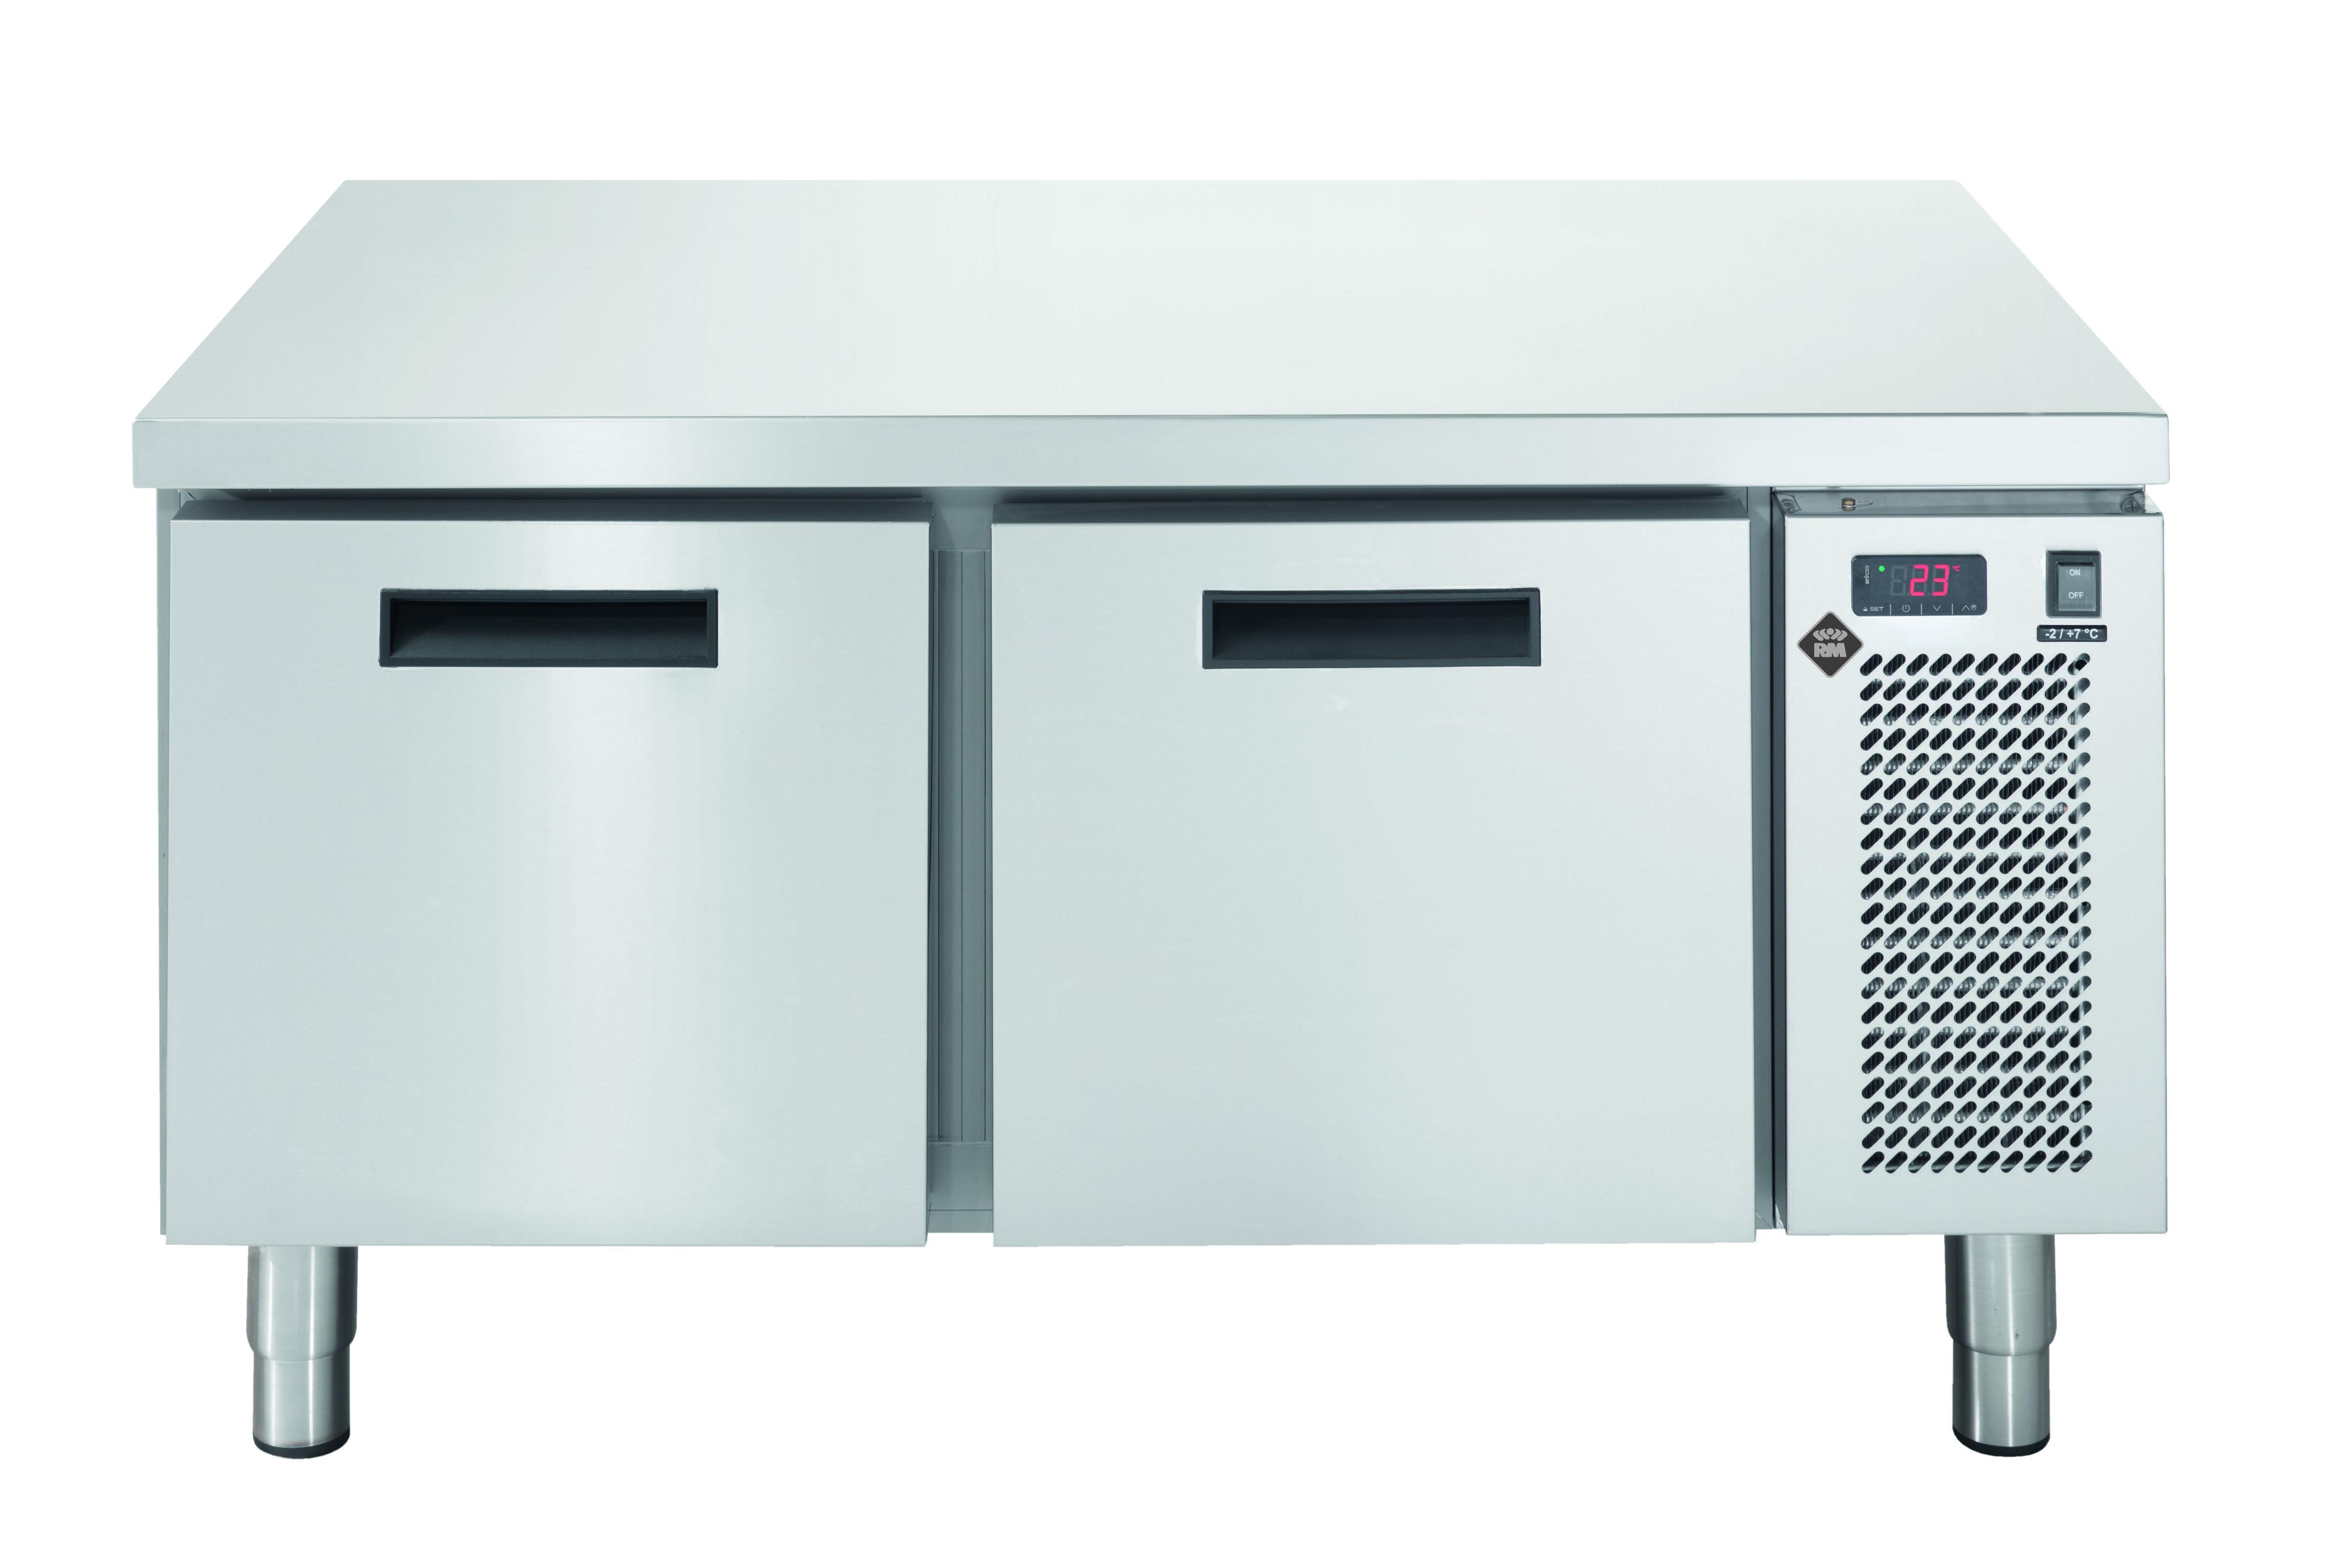 Podestavba chladící LNSR 702 1Z bez desky